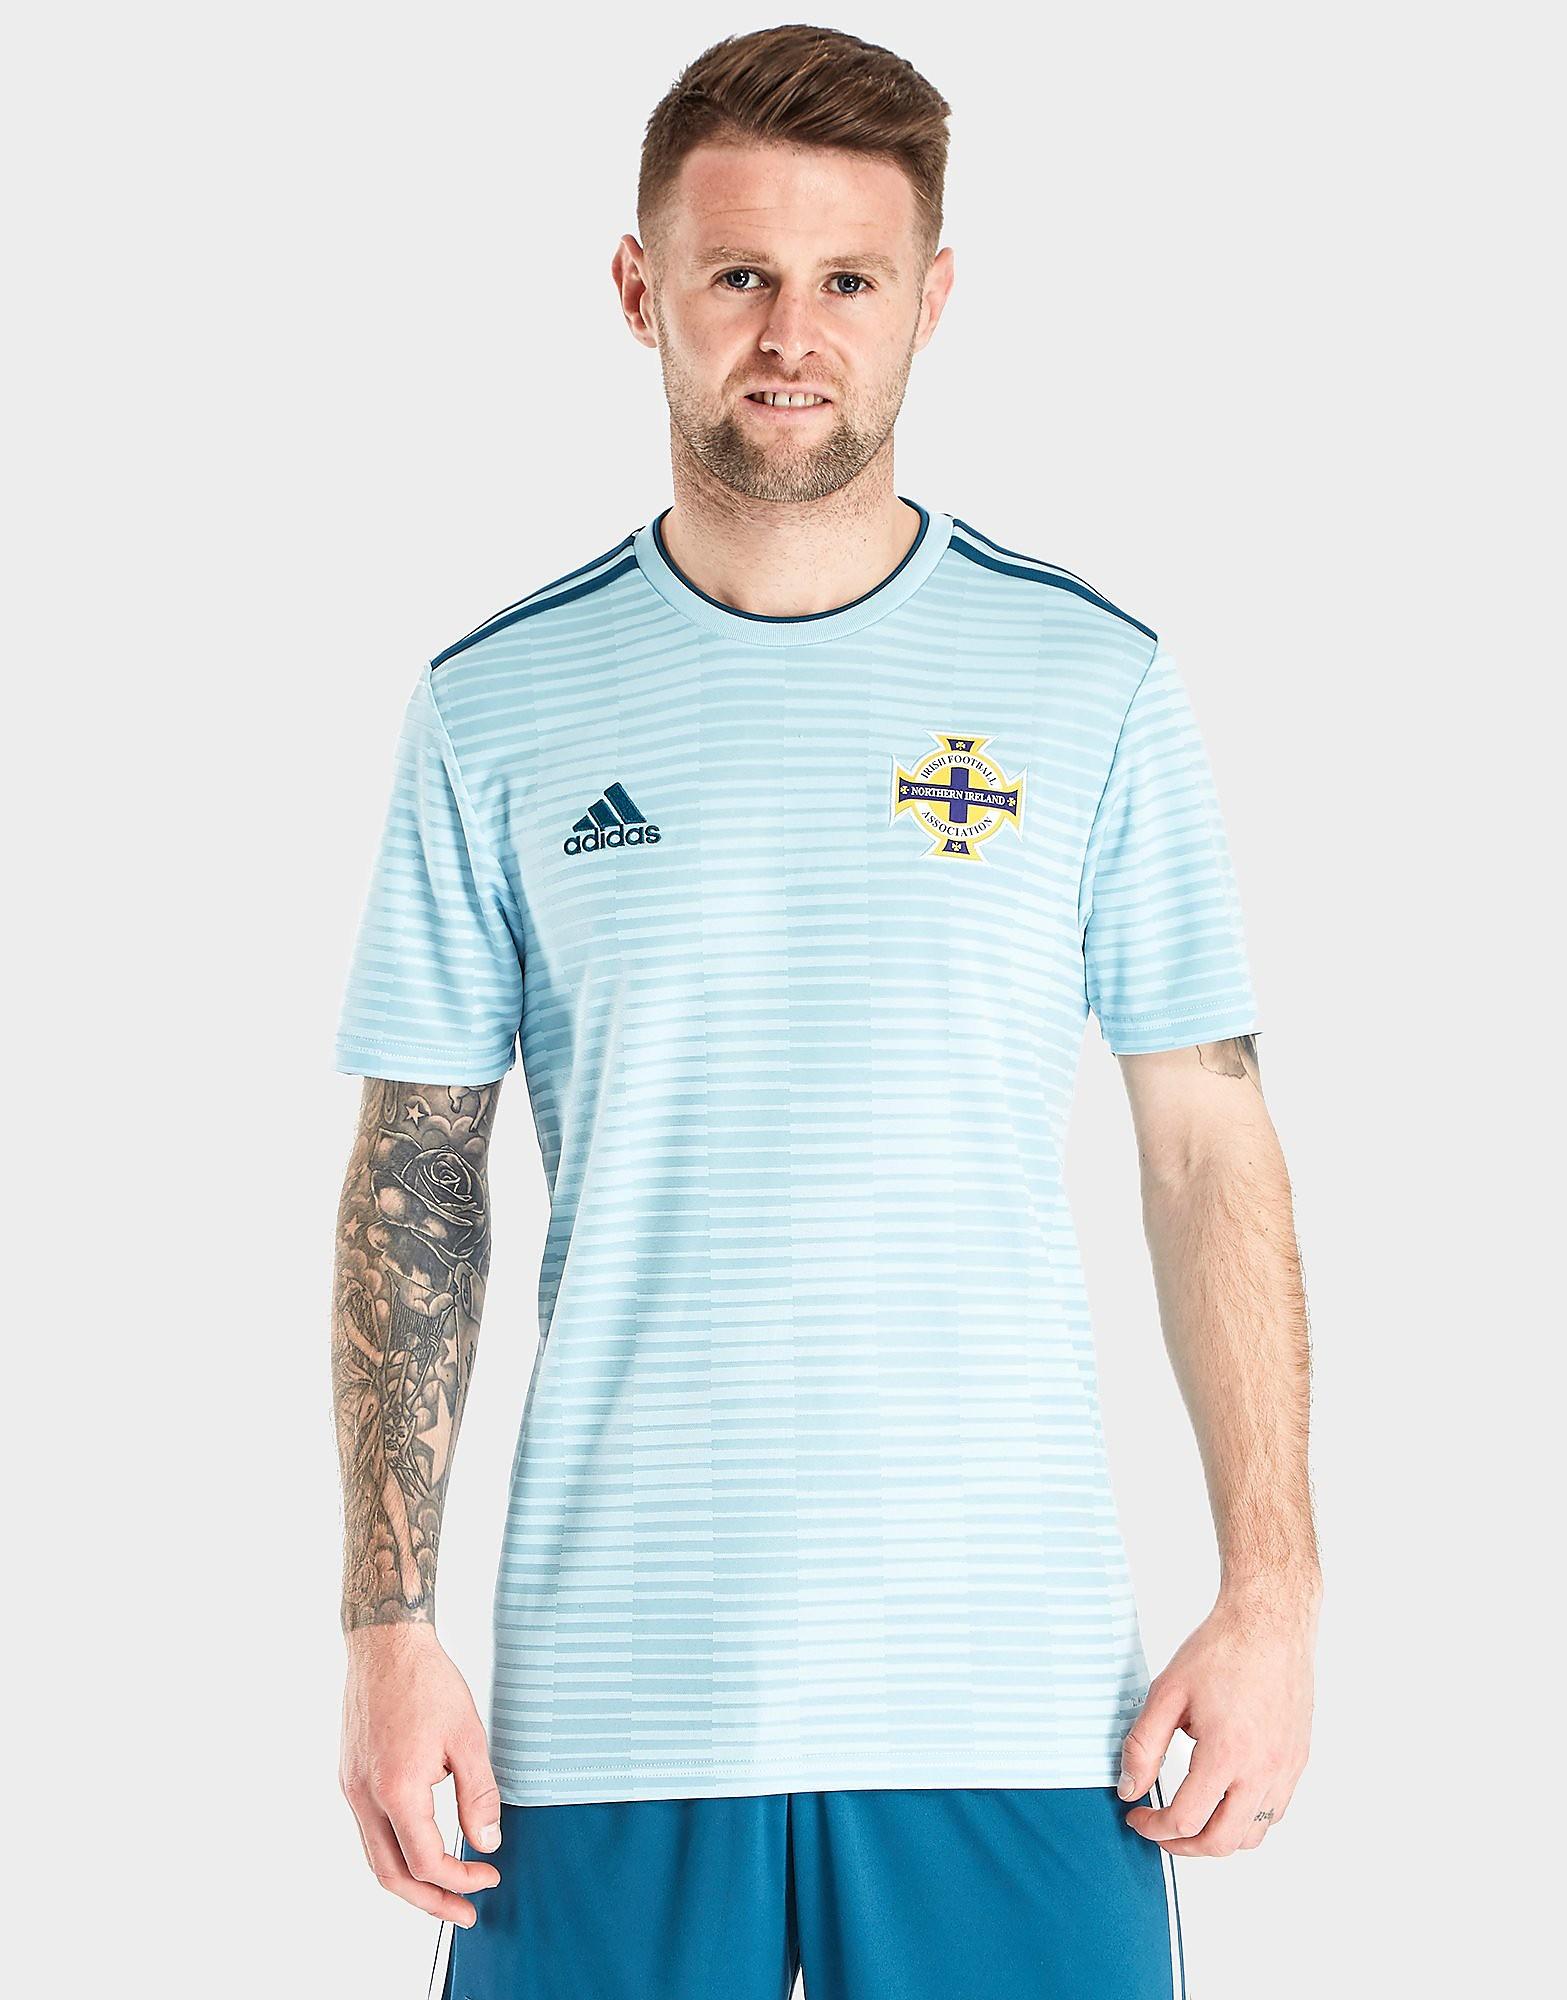 adidas camiseta Irlanda del Norte 2018 2.ª equipación